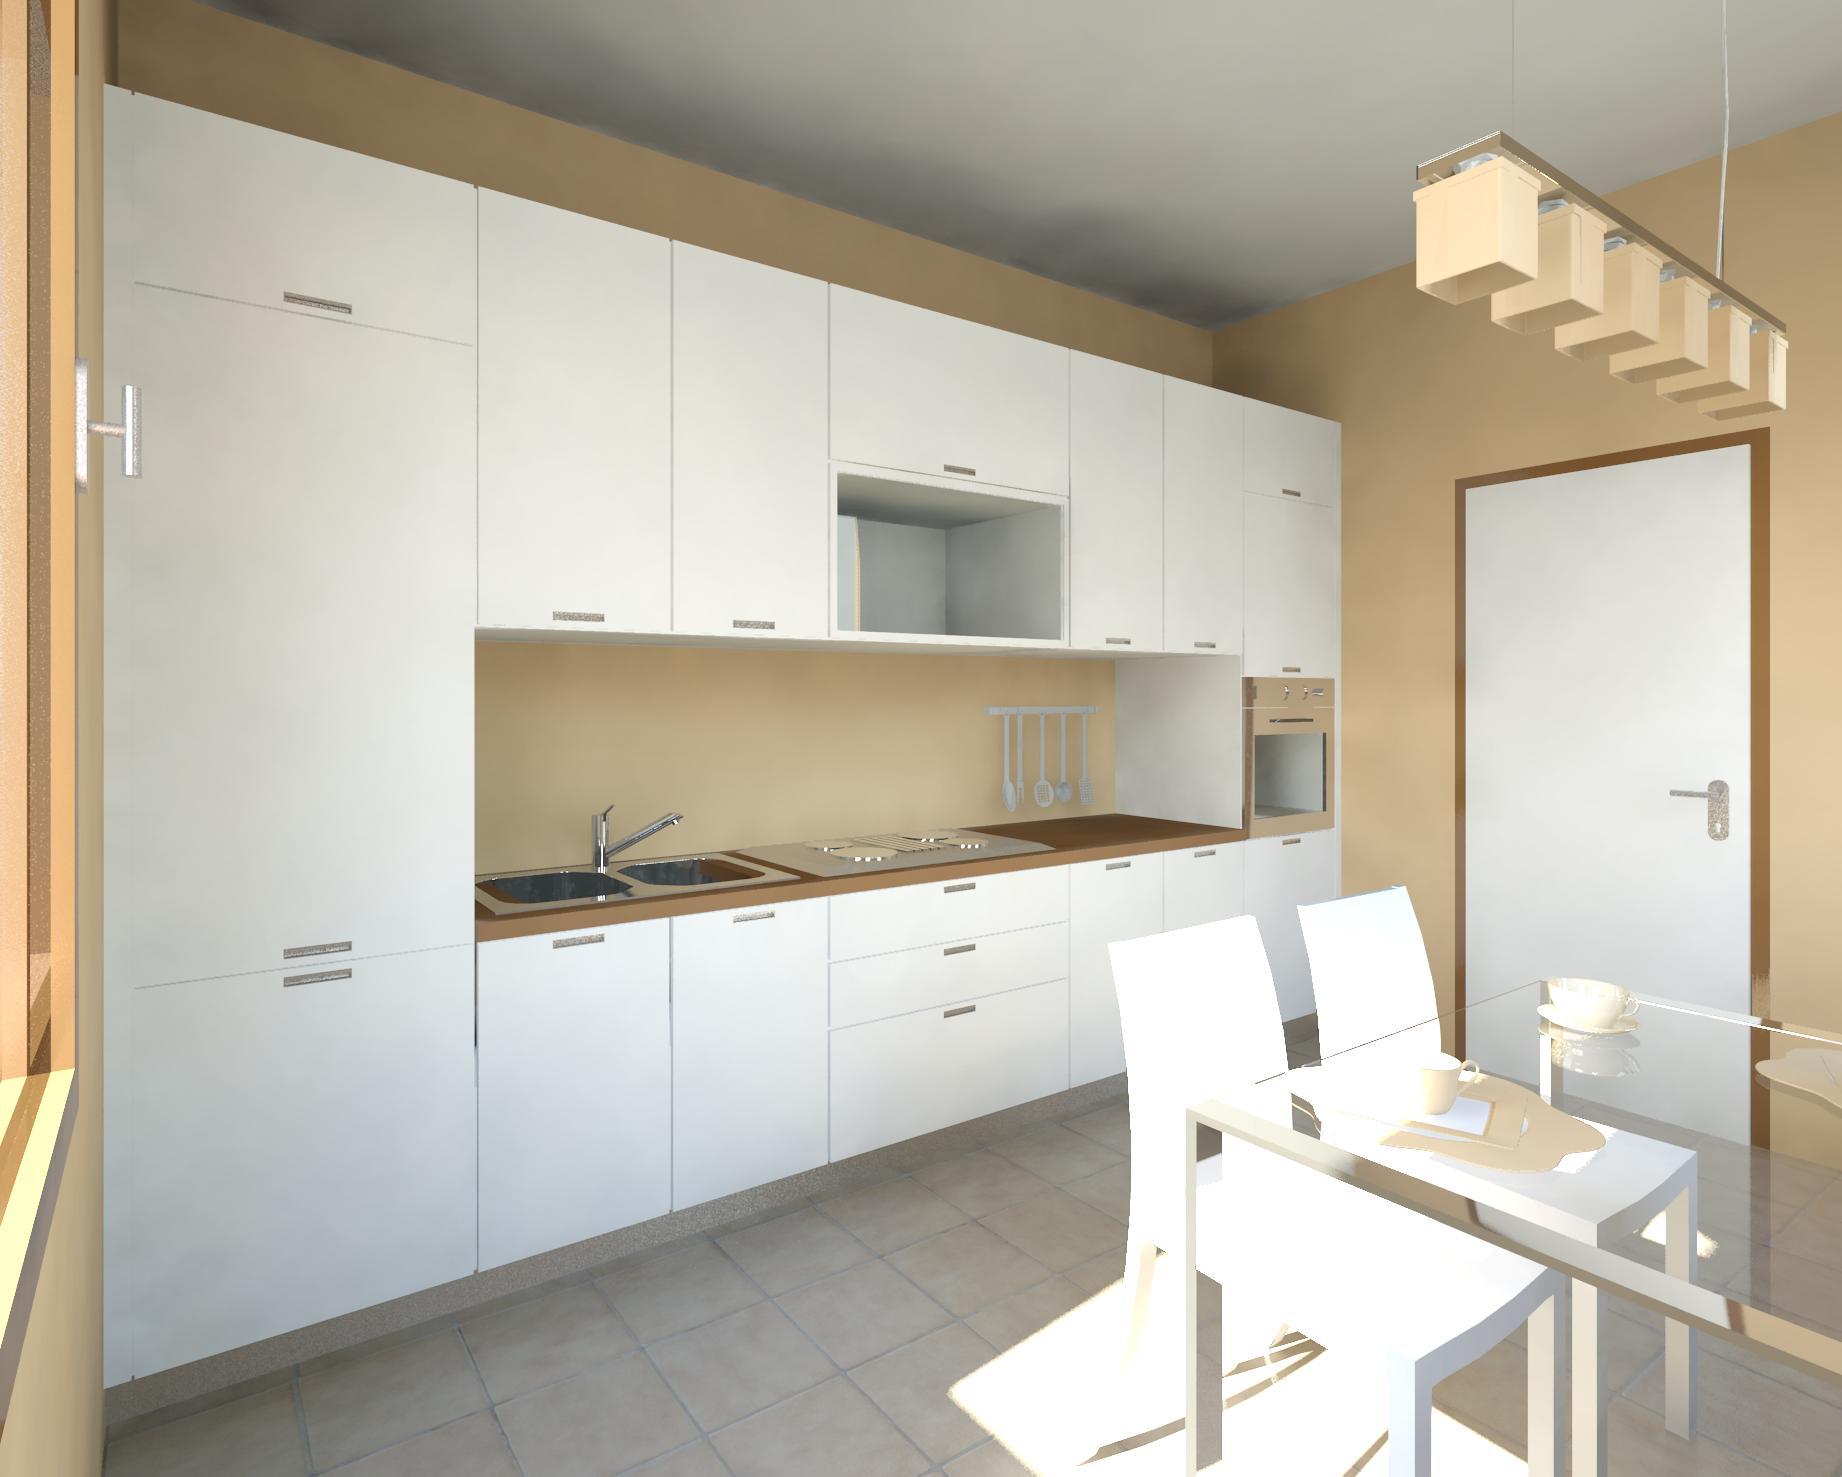 Cucine A Vista Con Bancone : Cucine a vista sul soggiorno. Cucine ...